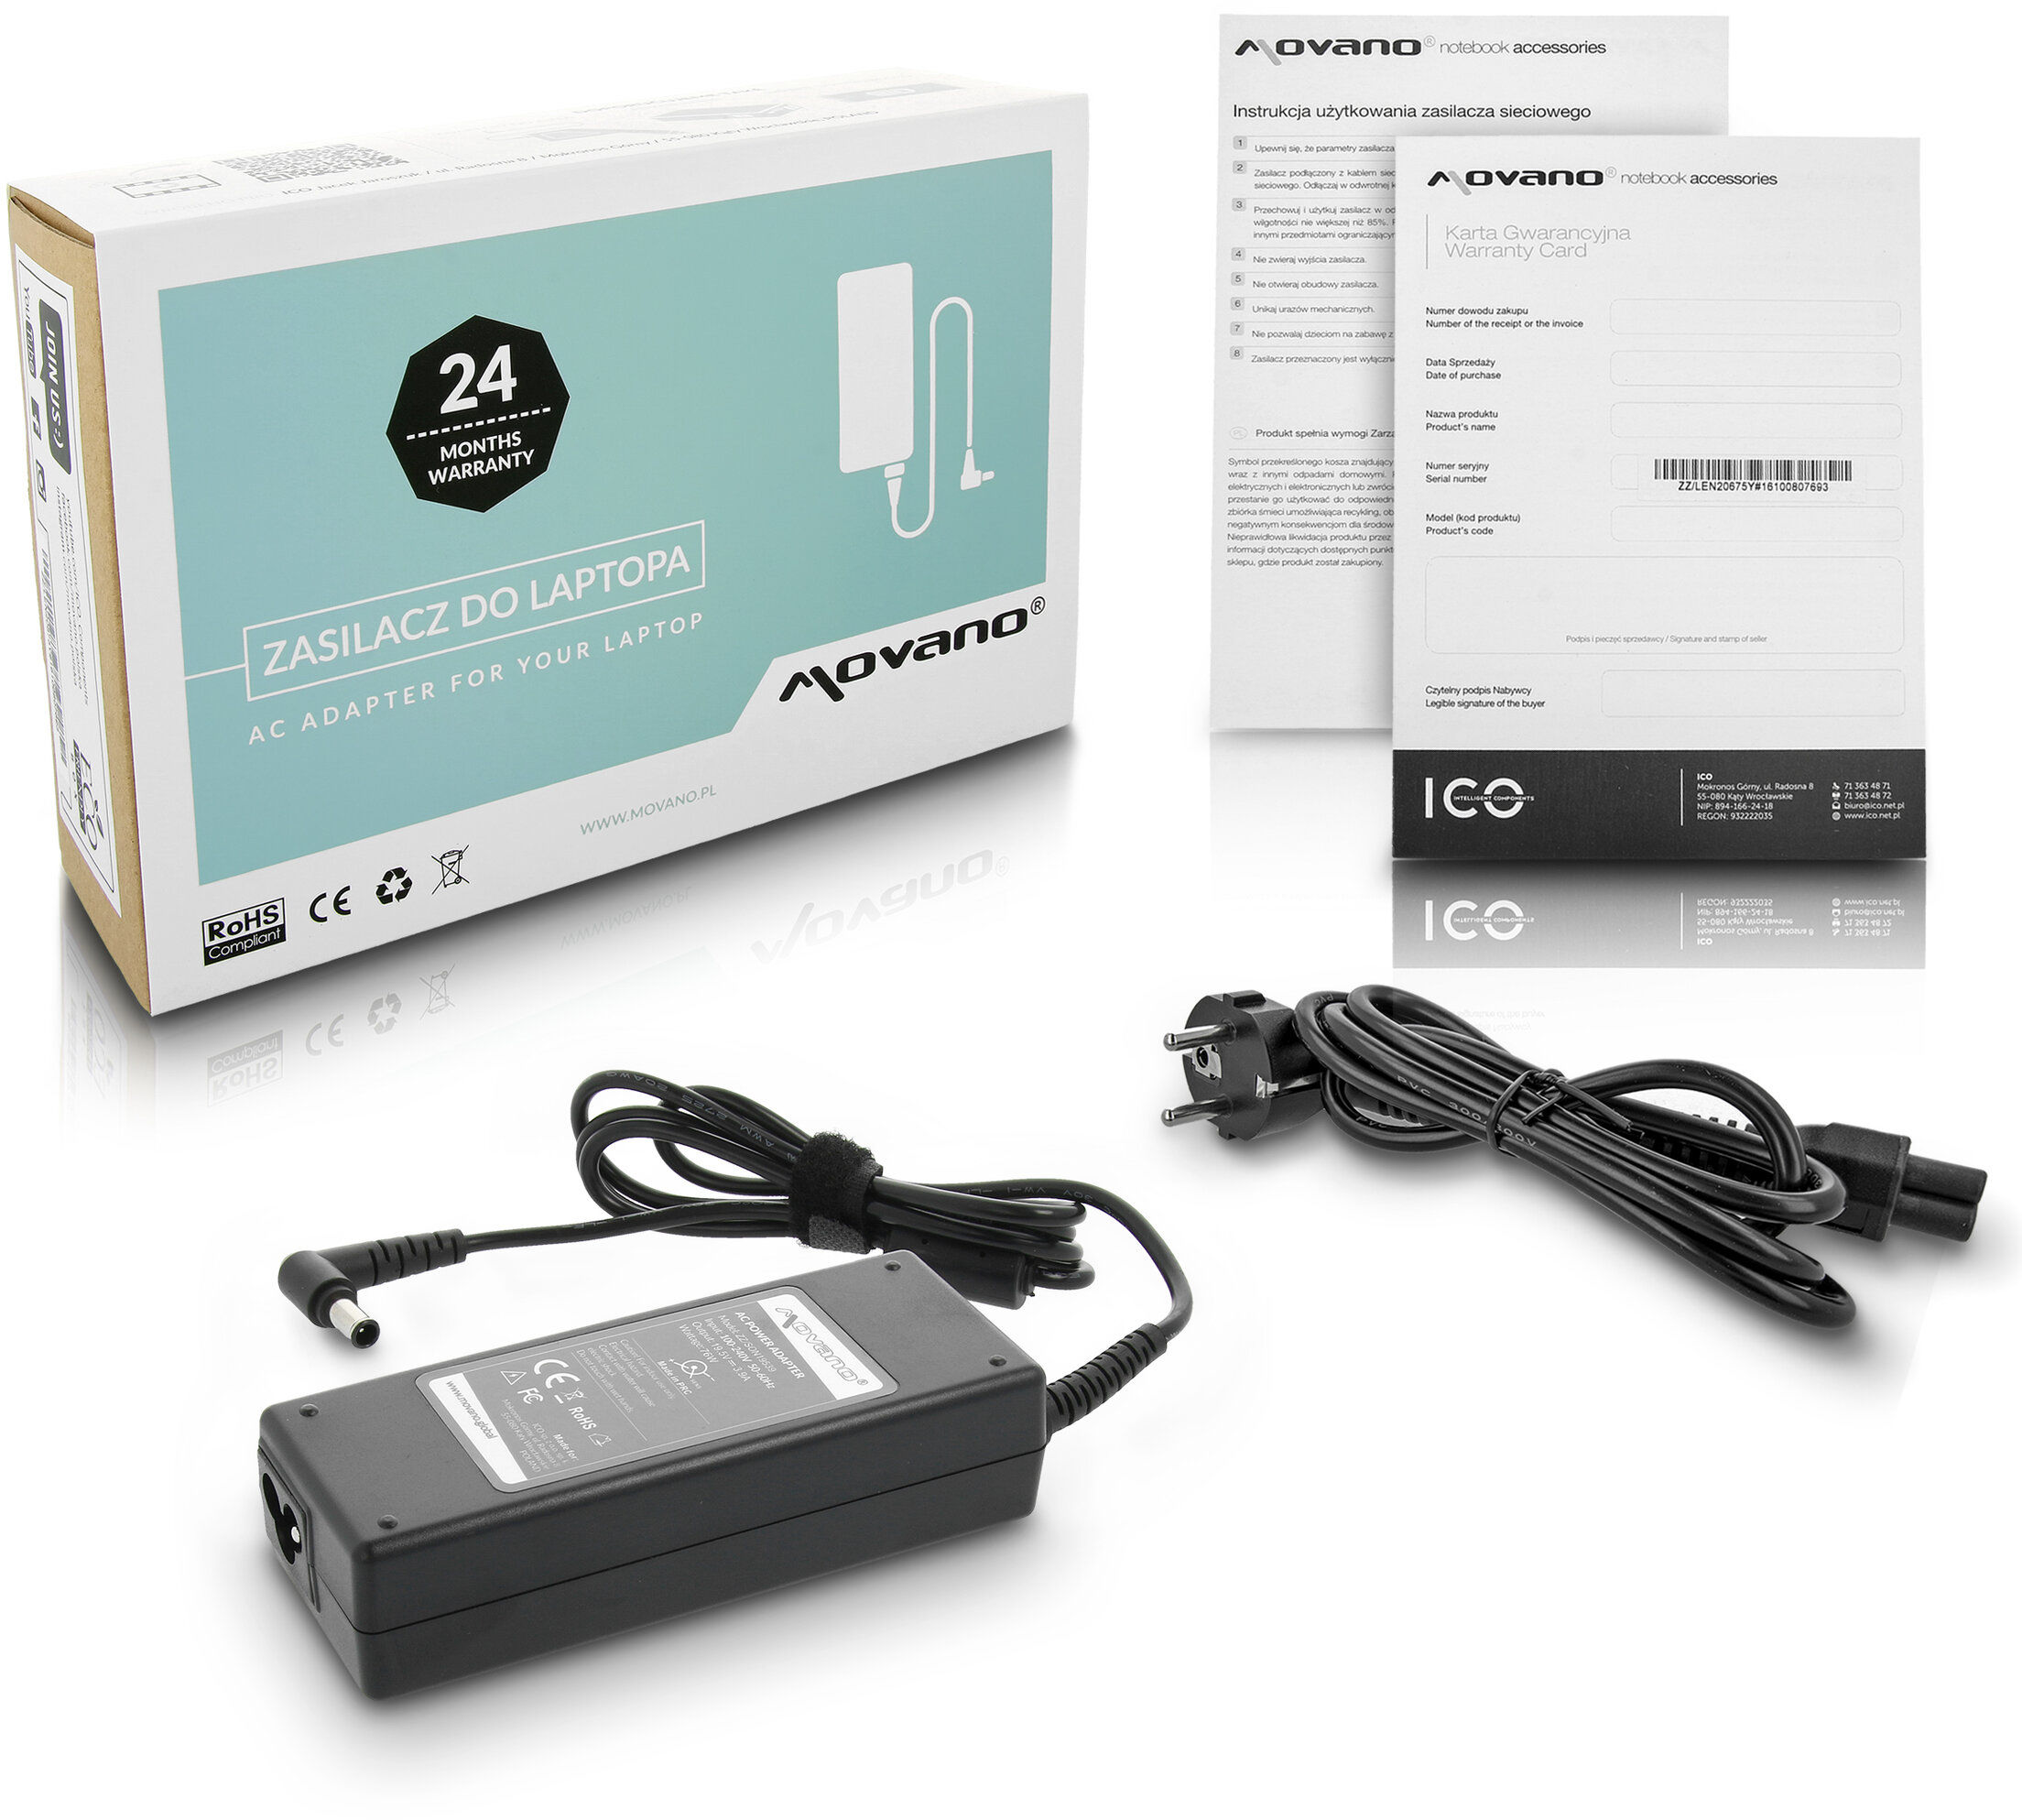 Zasilacz ładowarka do Sony Vaio VGN-FZ260 VGN-FZ250 VGN-FZ240